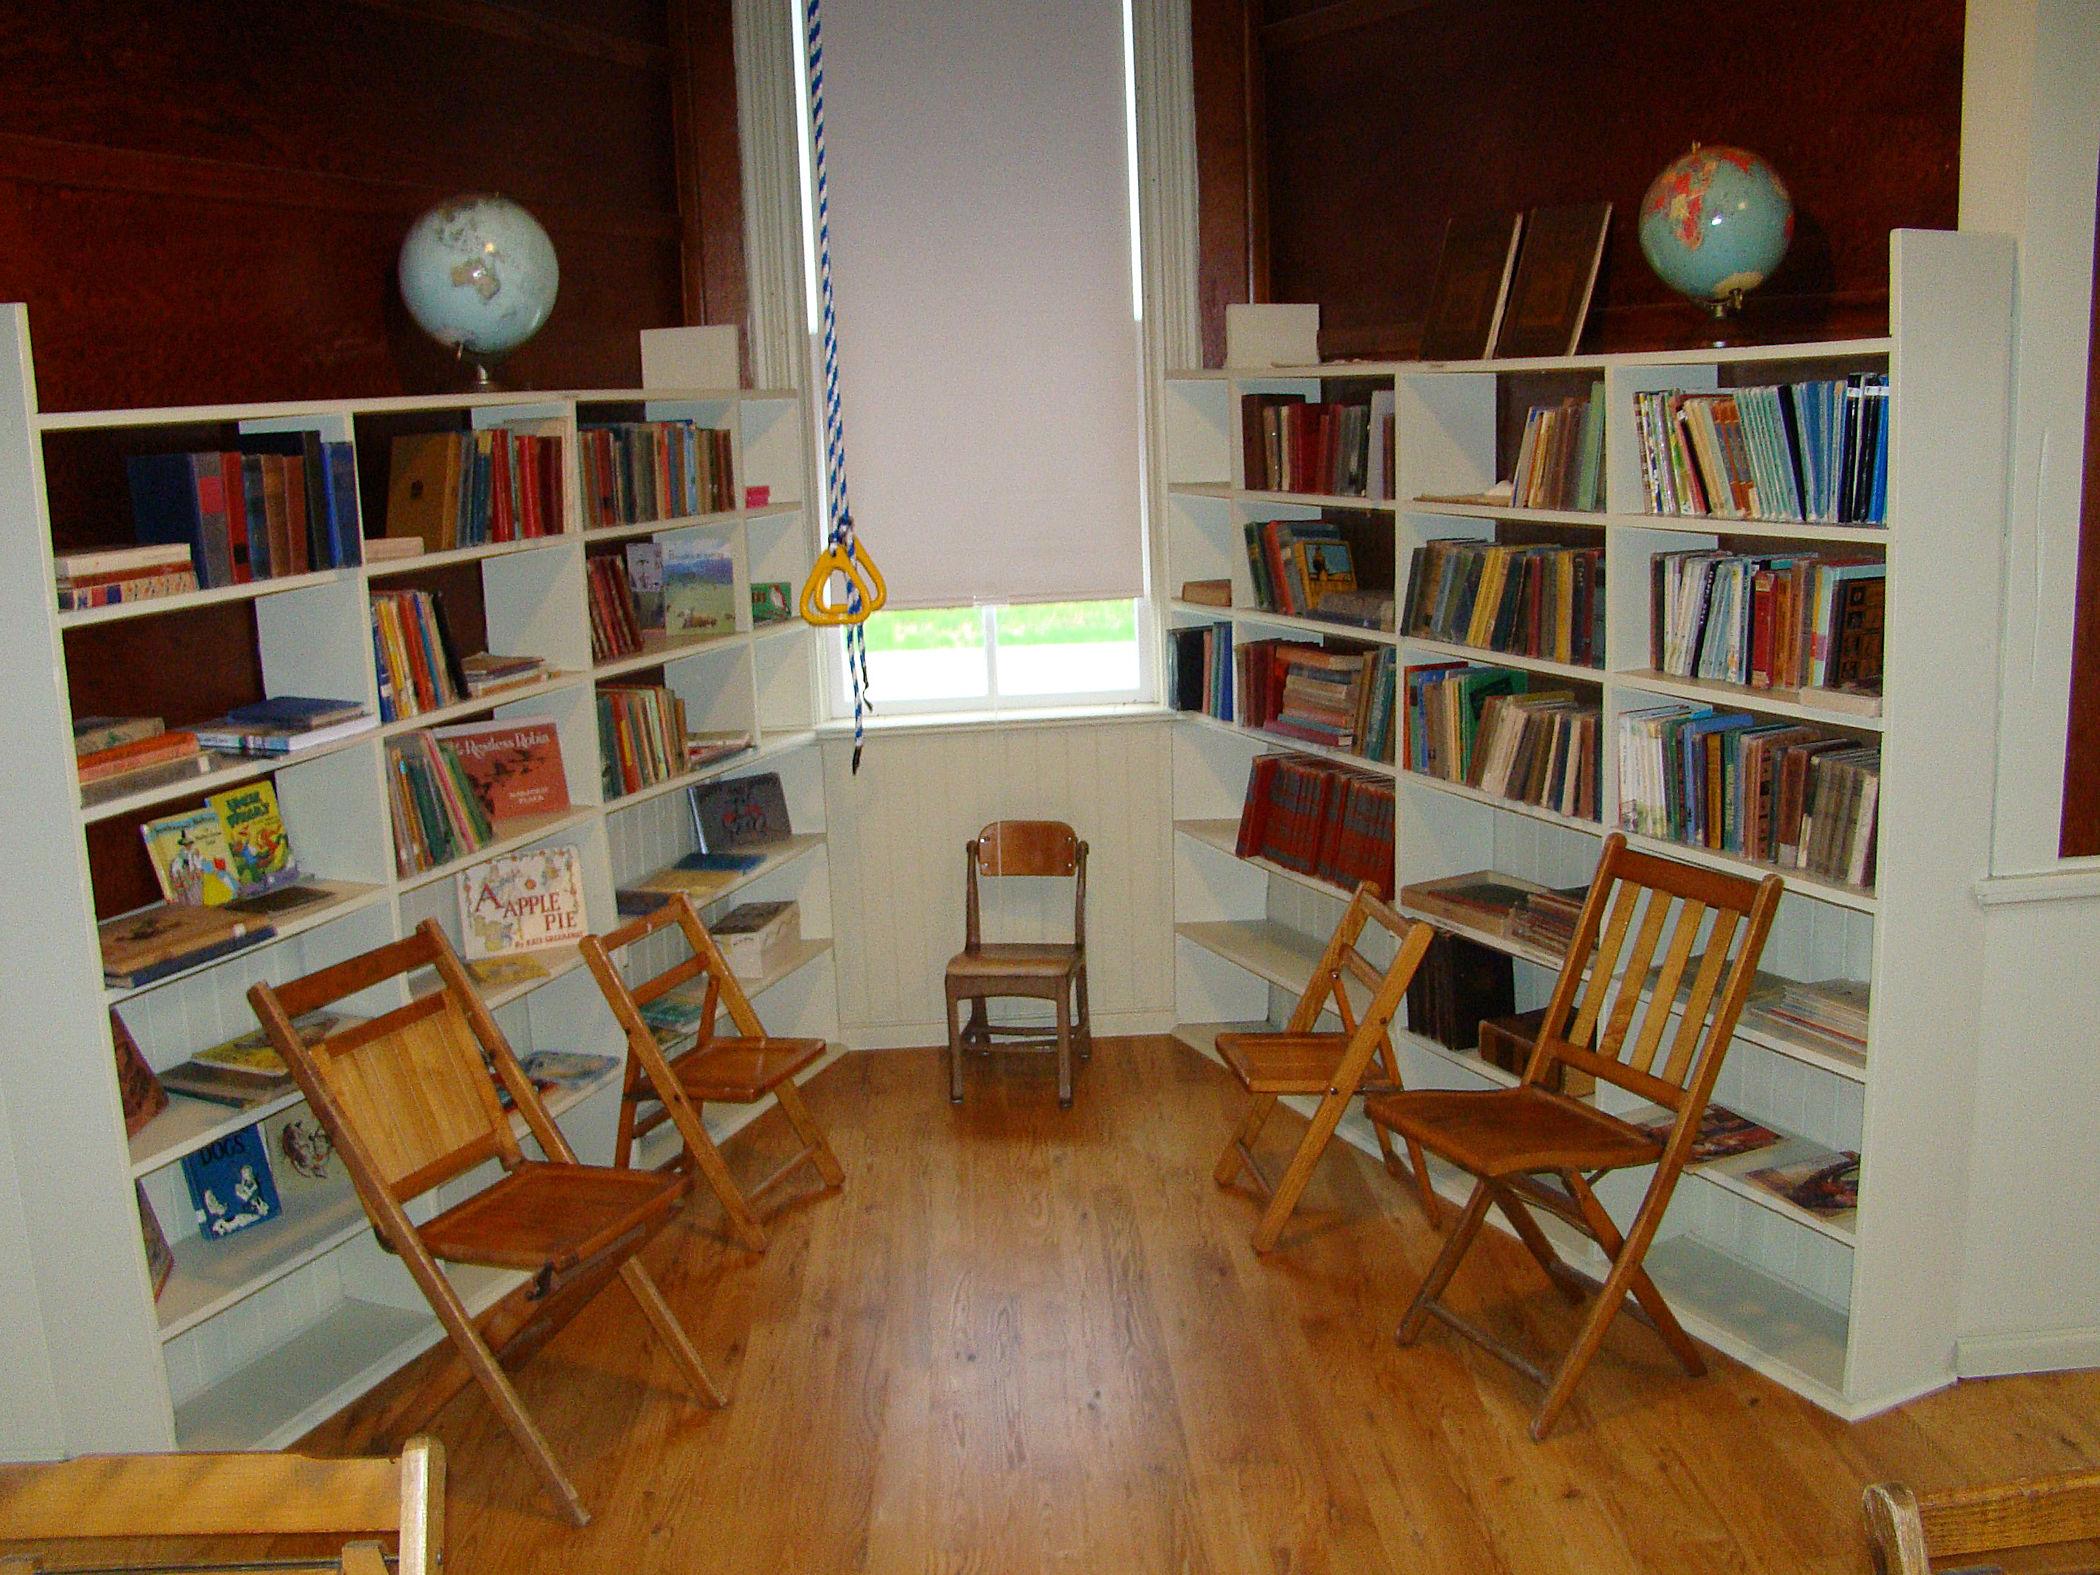 Interior 4, 4-27-11.jpg